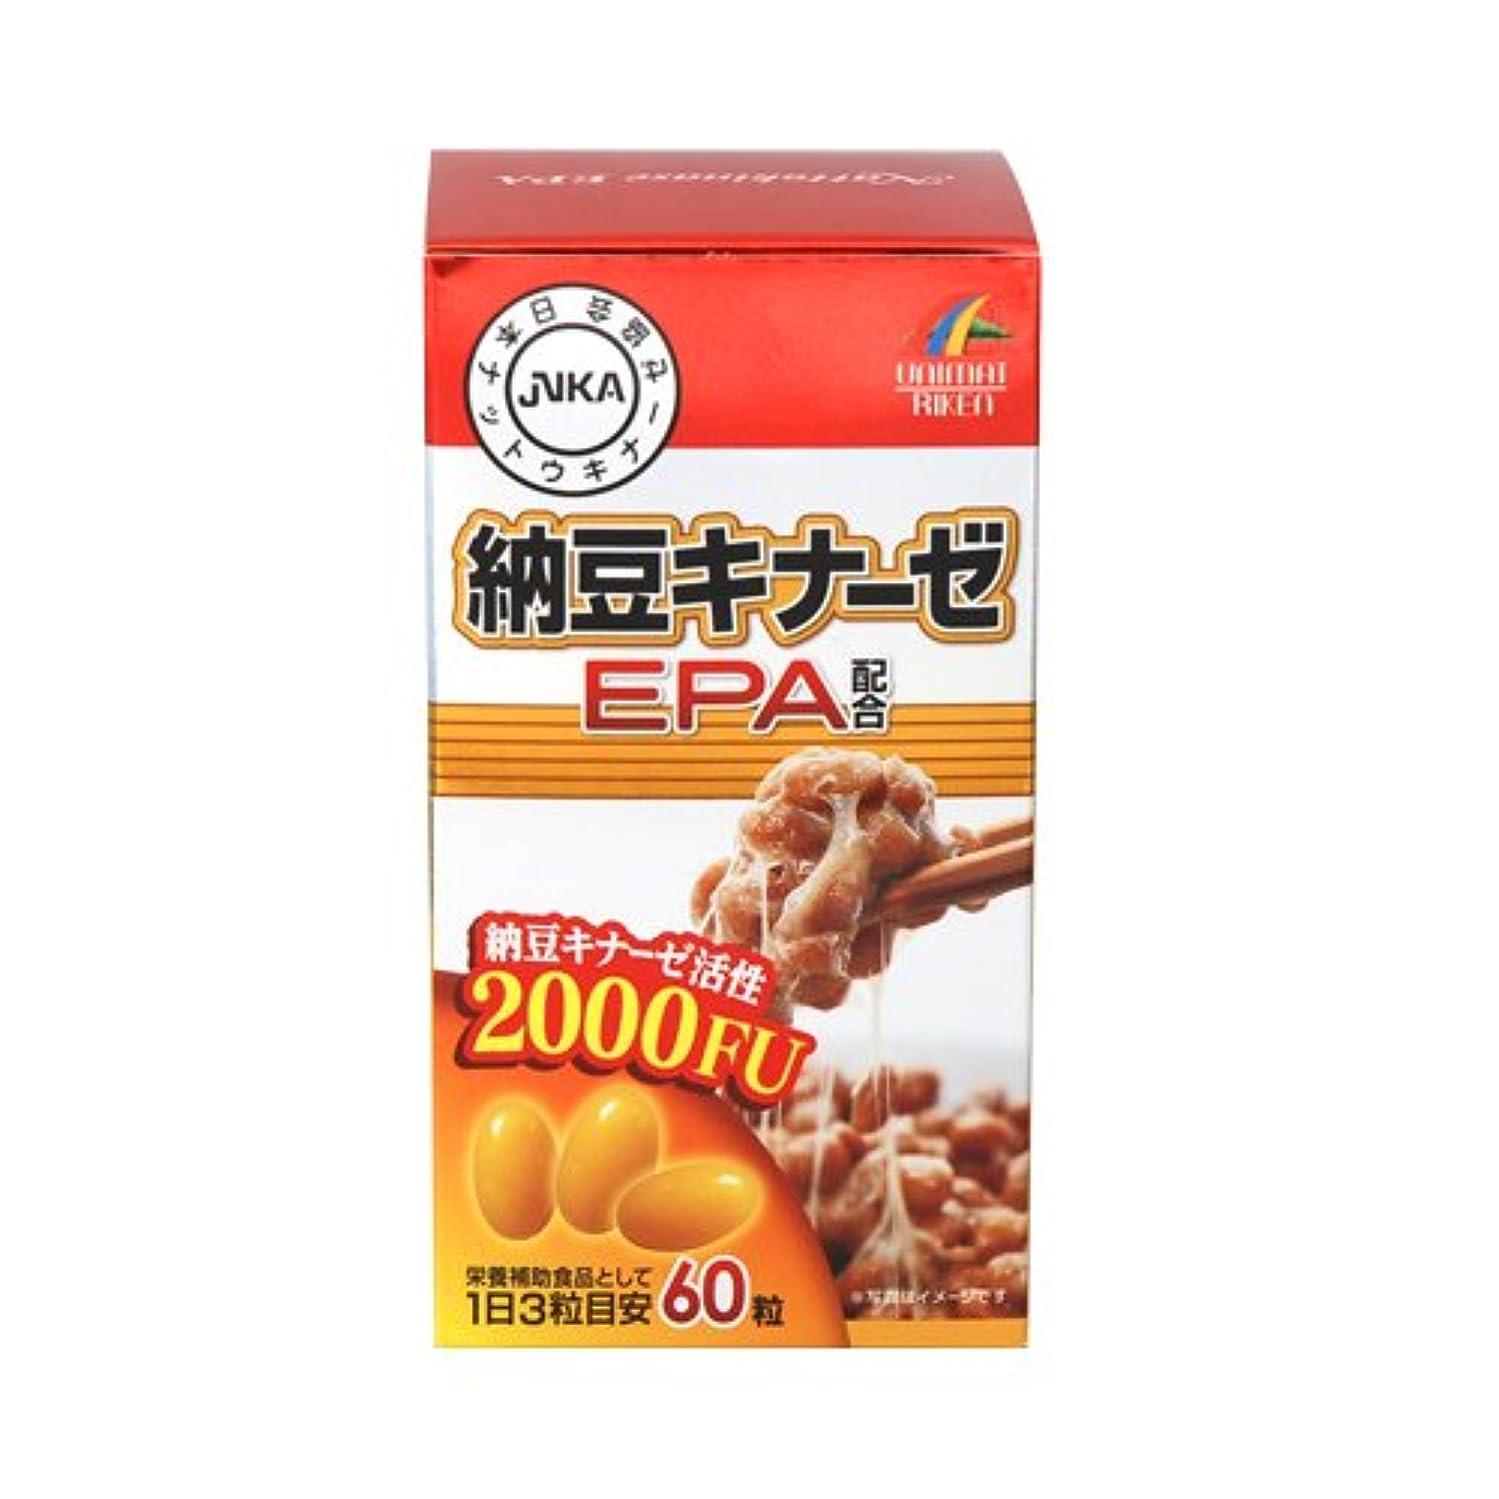 適応する間違い来てユニマットリケン 納豆キナーゼEPA 406mg×60粒